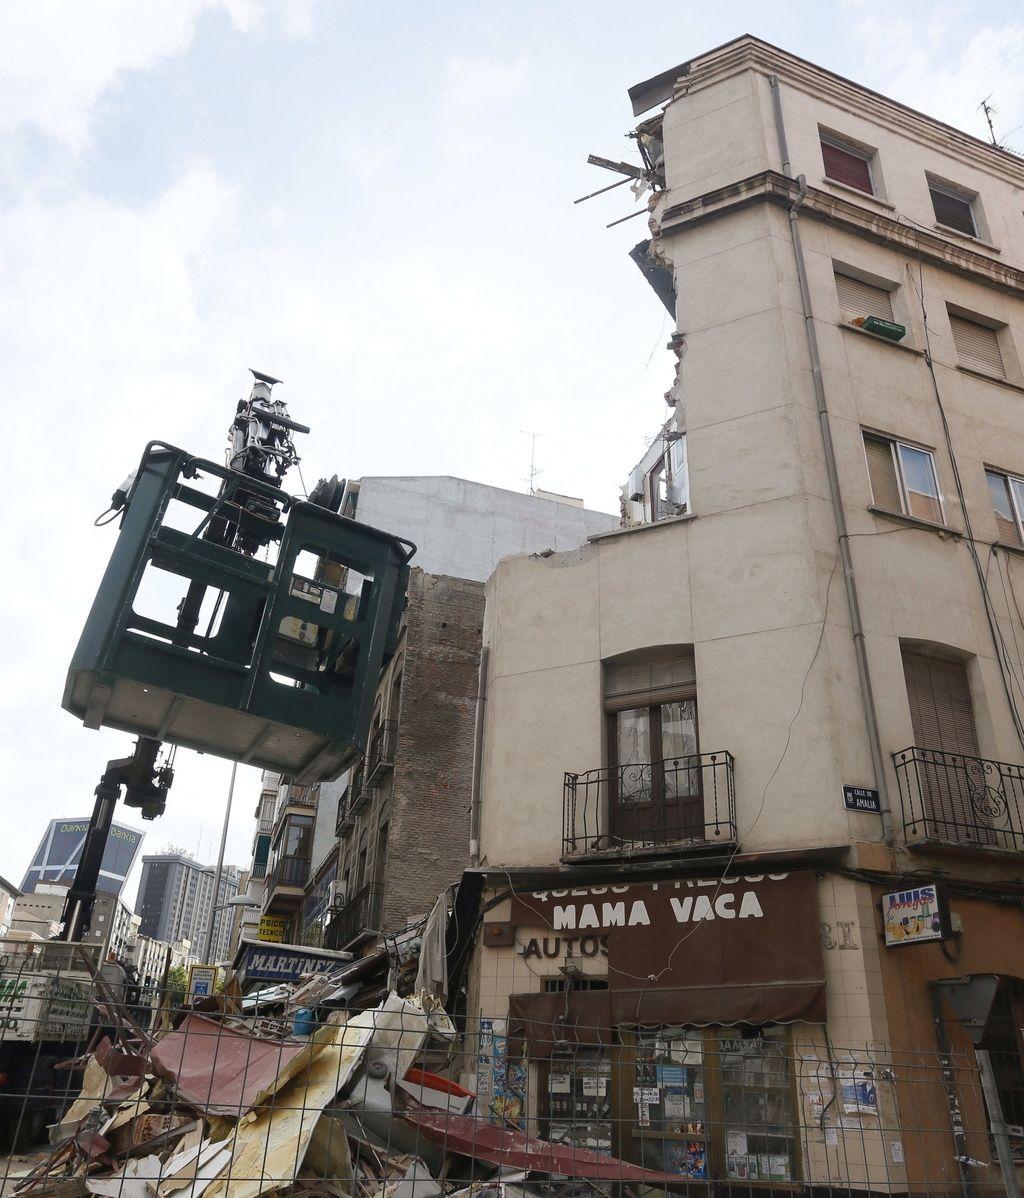 El edificio de la calle Amalia en Madrid, el segundo que se derrumba en la ciudad den 15 días